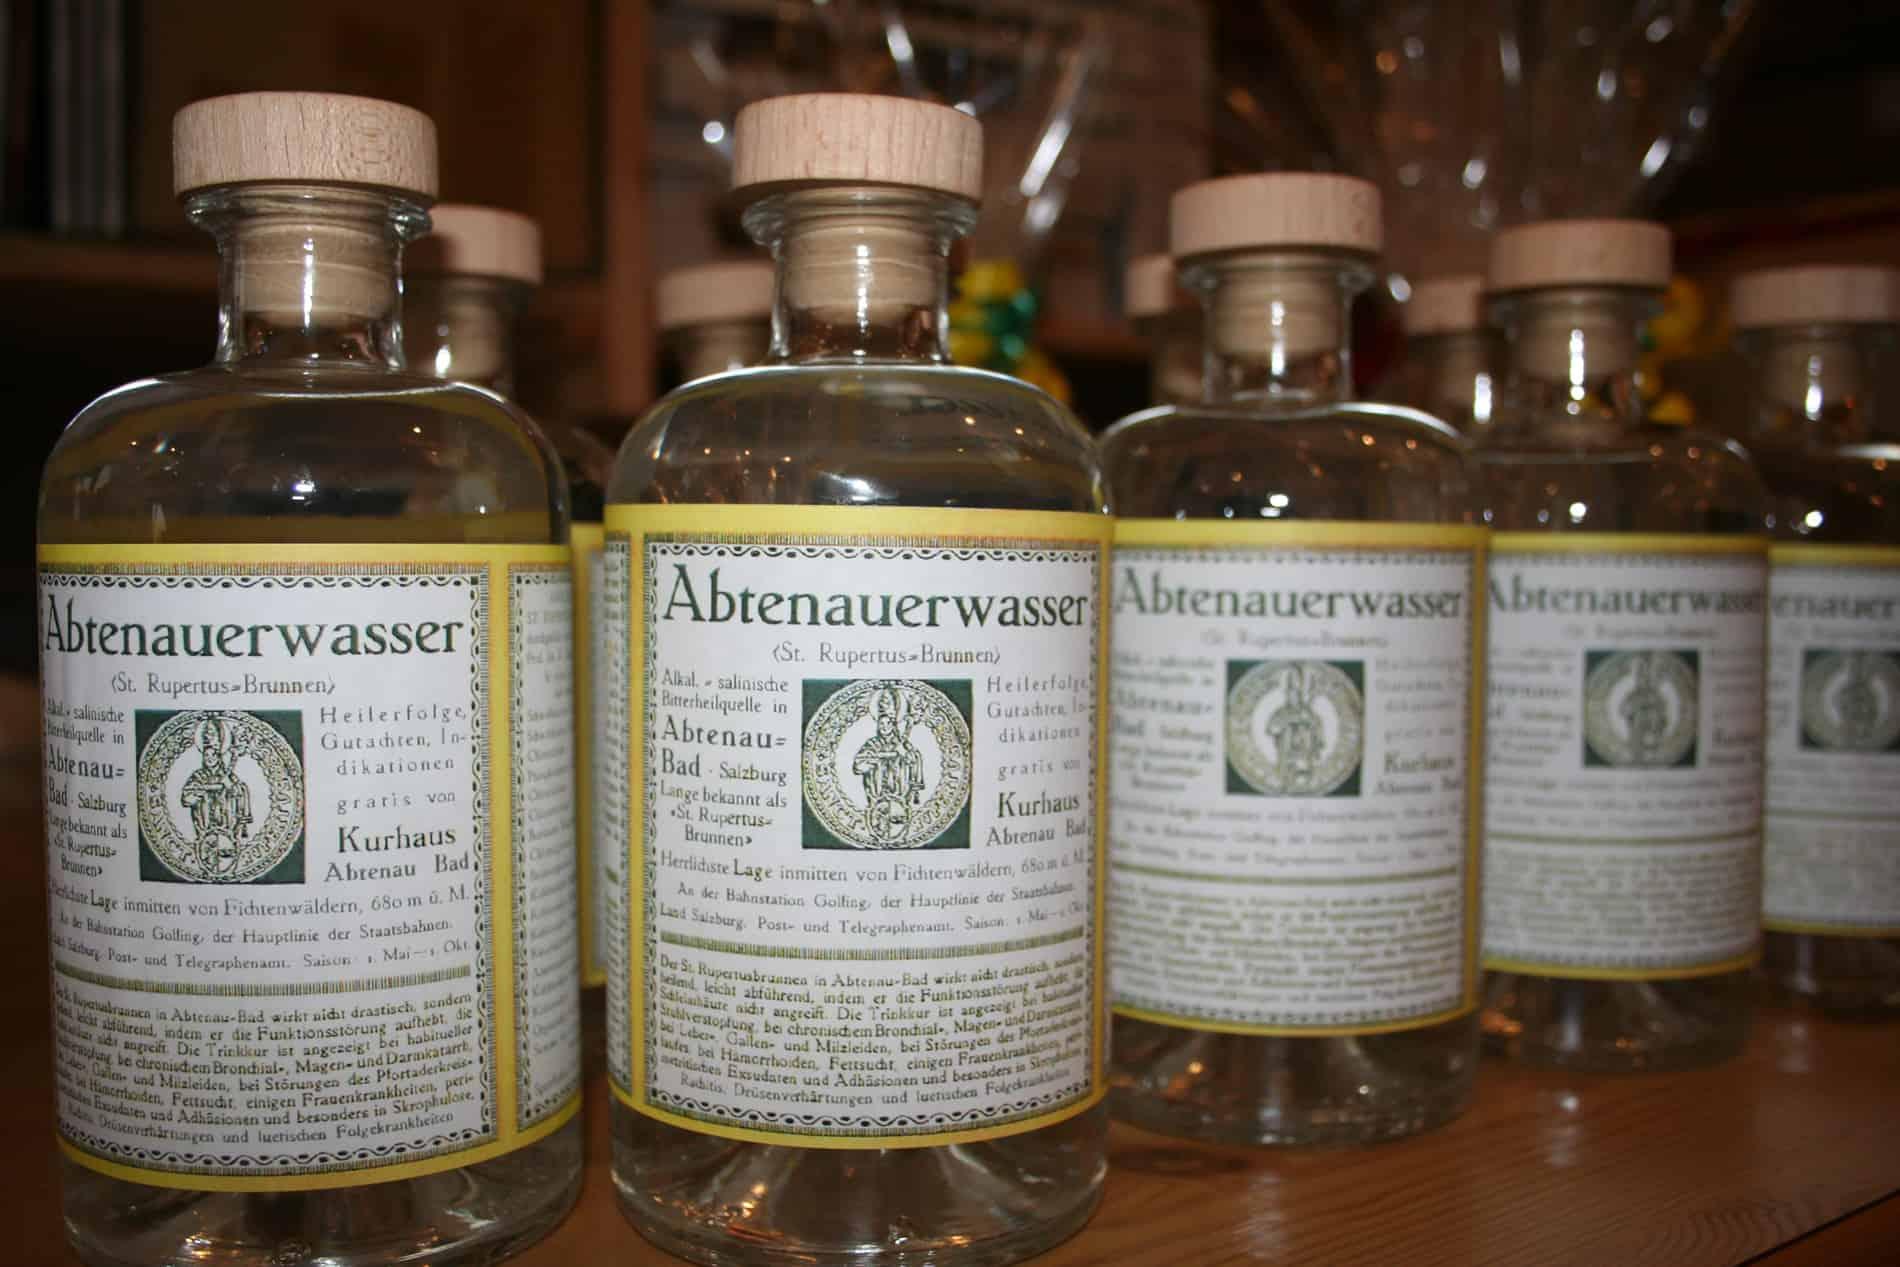 Abtenau medicinal water (c) www.abtenau-info.at